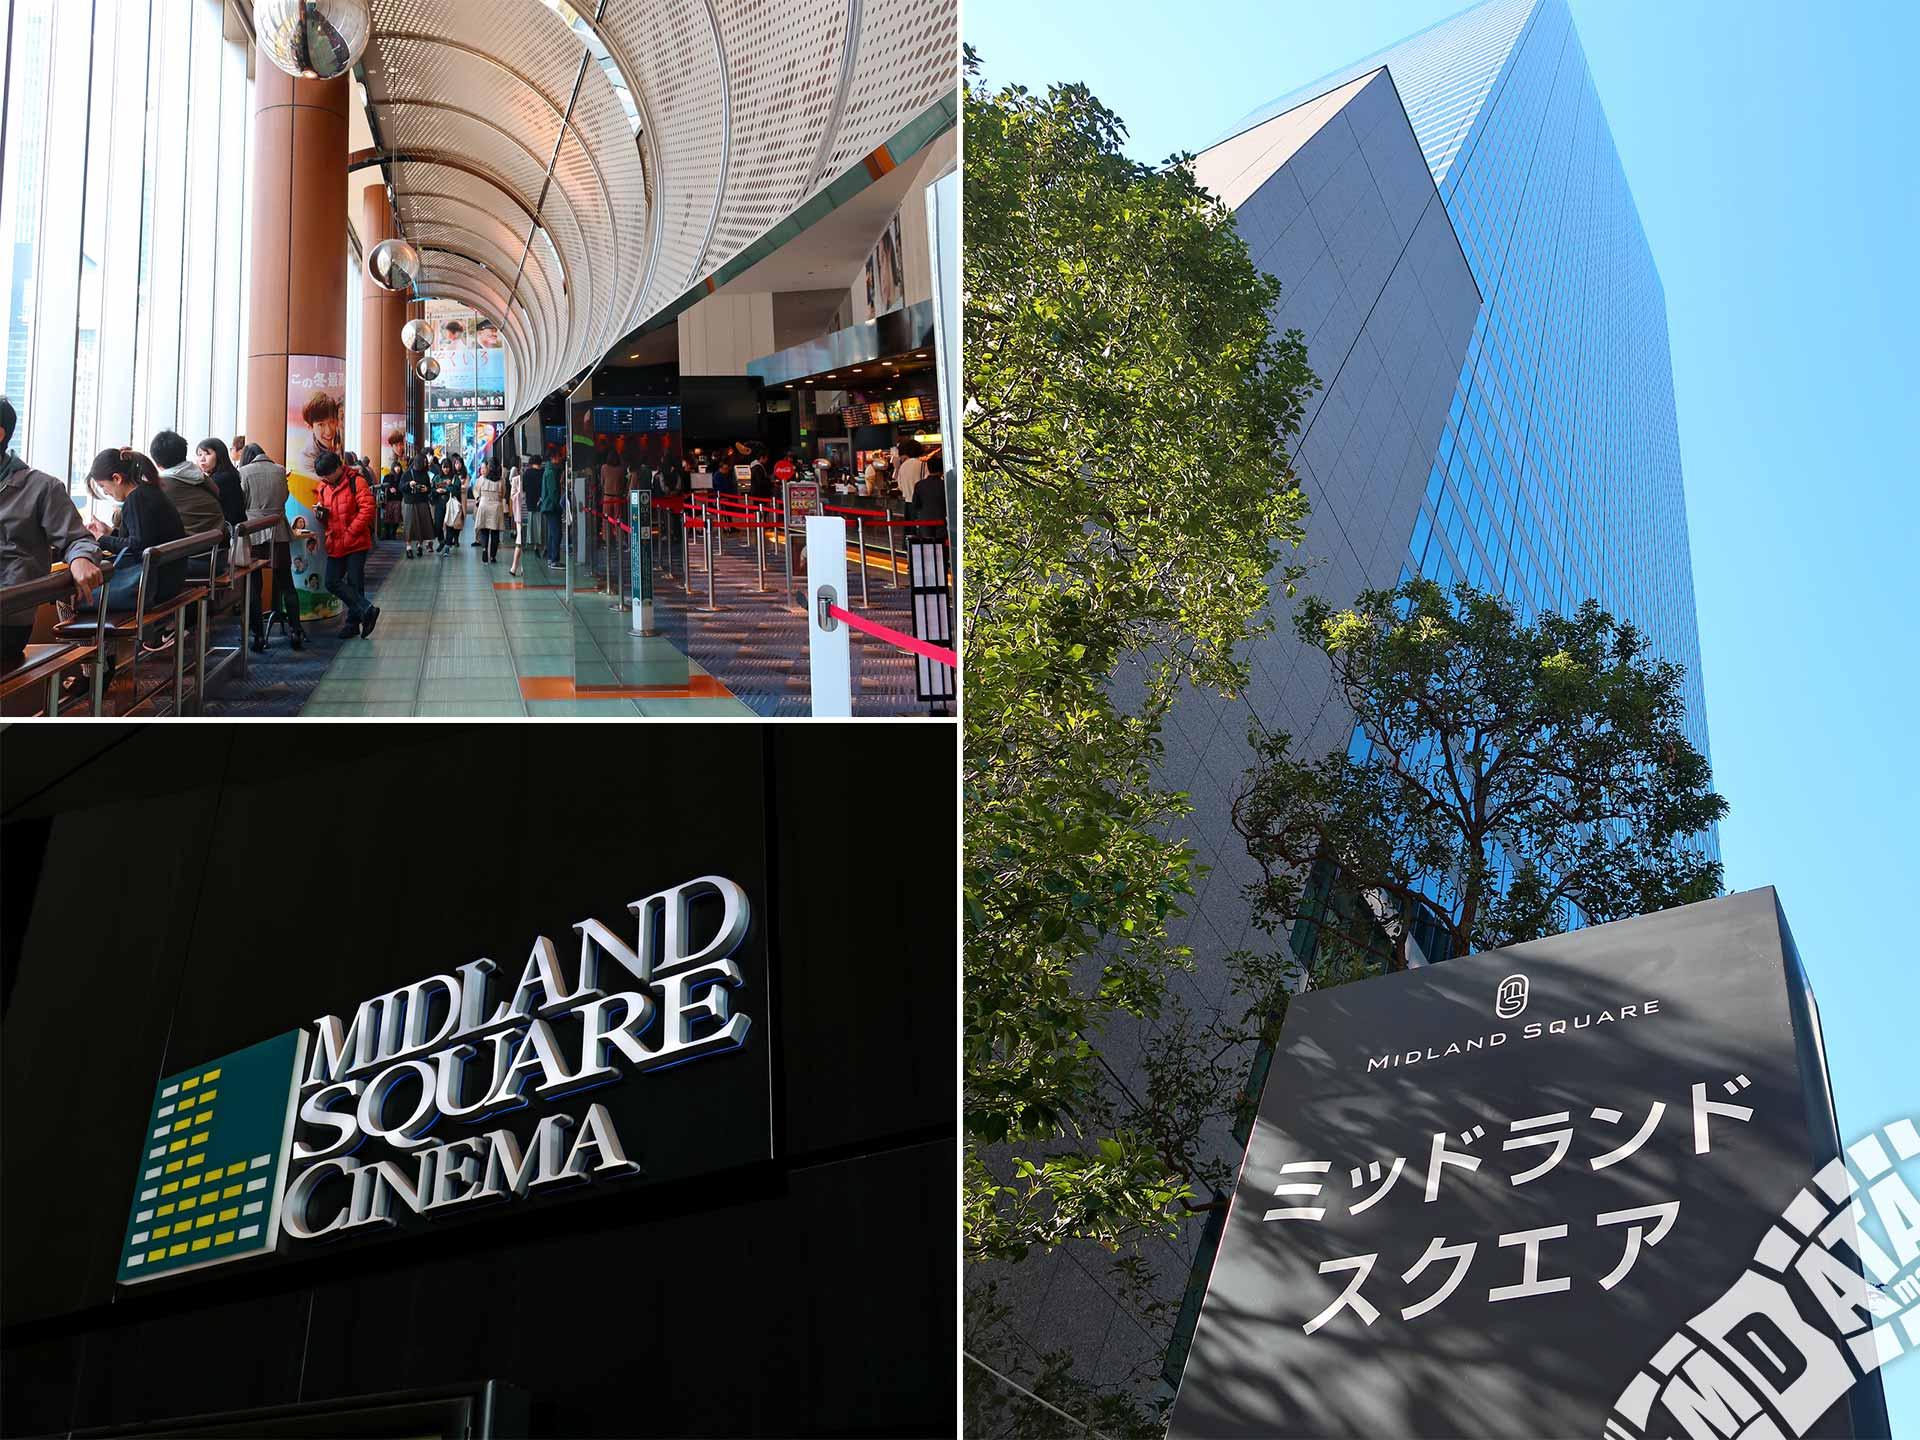 2 ミッドランド スクエア シネマ 名古屋ミッドランドスクエア シネマ2周辺のグルメ